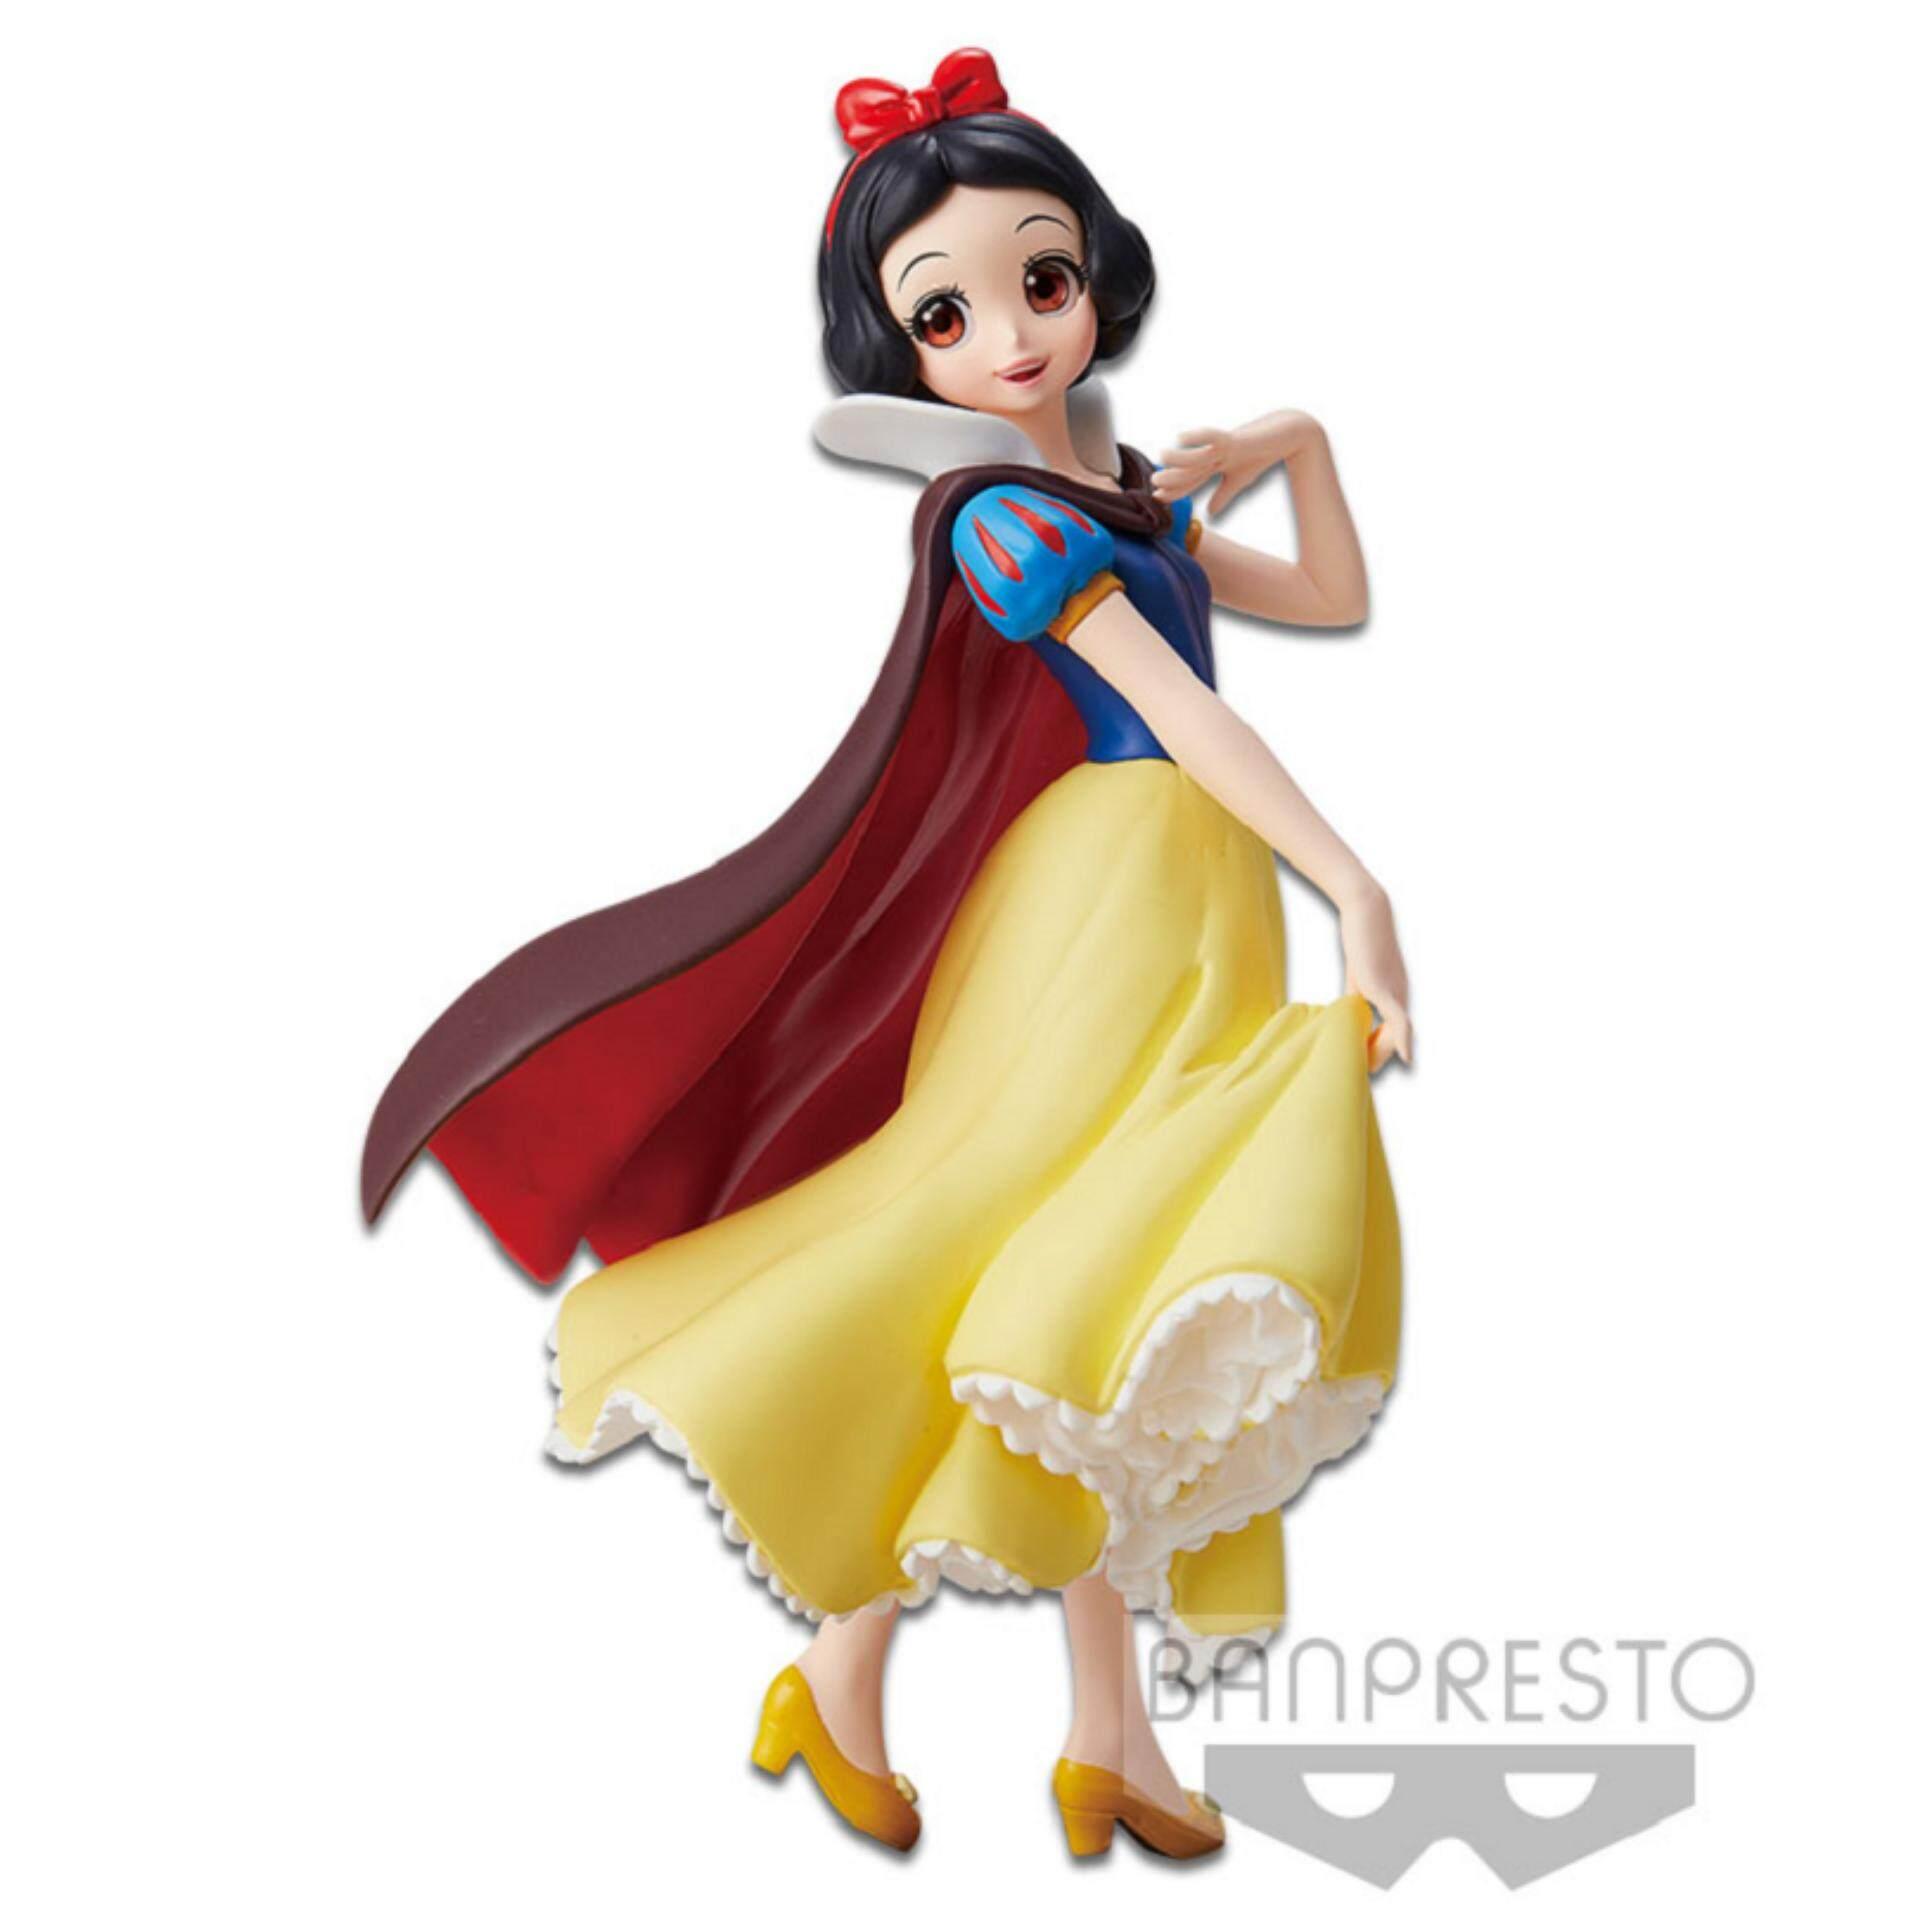 Banpresto Crystalux Disney Princess Figure - Snow White Toys for boys